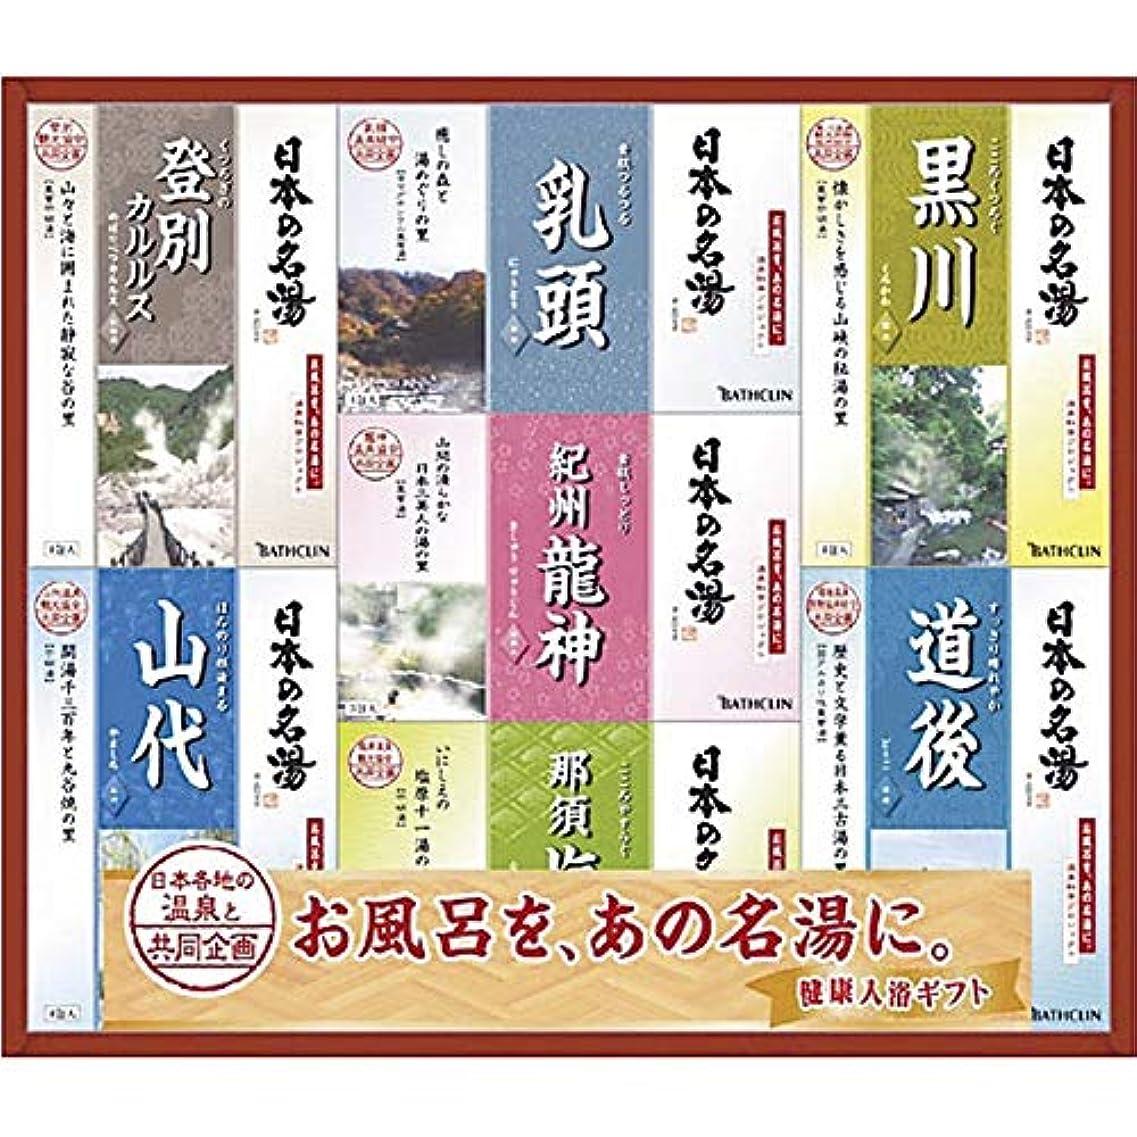 呪われた寝具バウンドバスクリン 日本の名湯 ギフトセット NMG-25F 【個包装 セット 詰め合わせ 疲労回復 ご褒美 贅沢 プチギフト 温まる 温泉 粉 ご当地 まとめ買い 名湯 リラックス 美肌 つめあわせ やさしい やすらぎ】